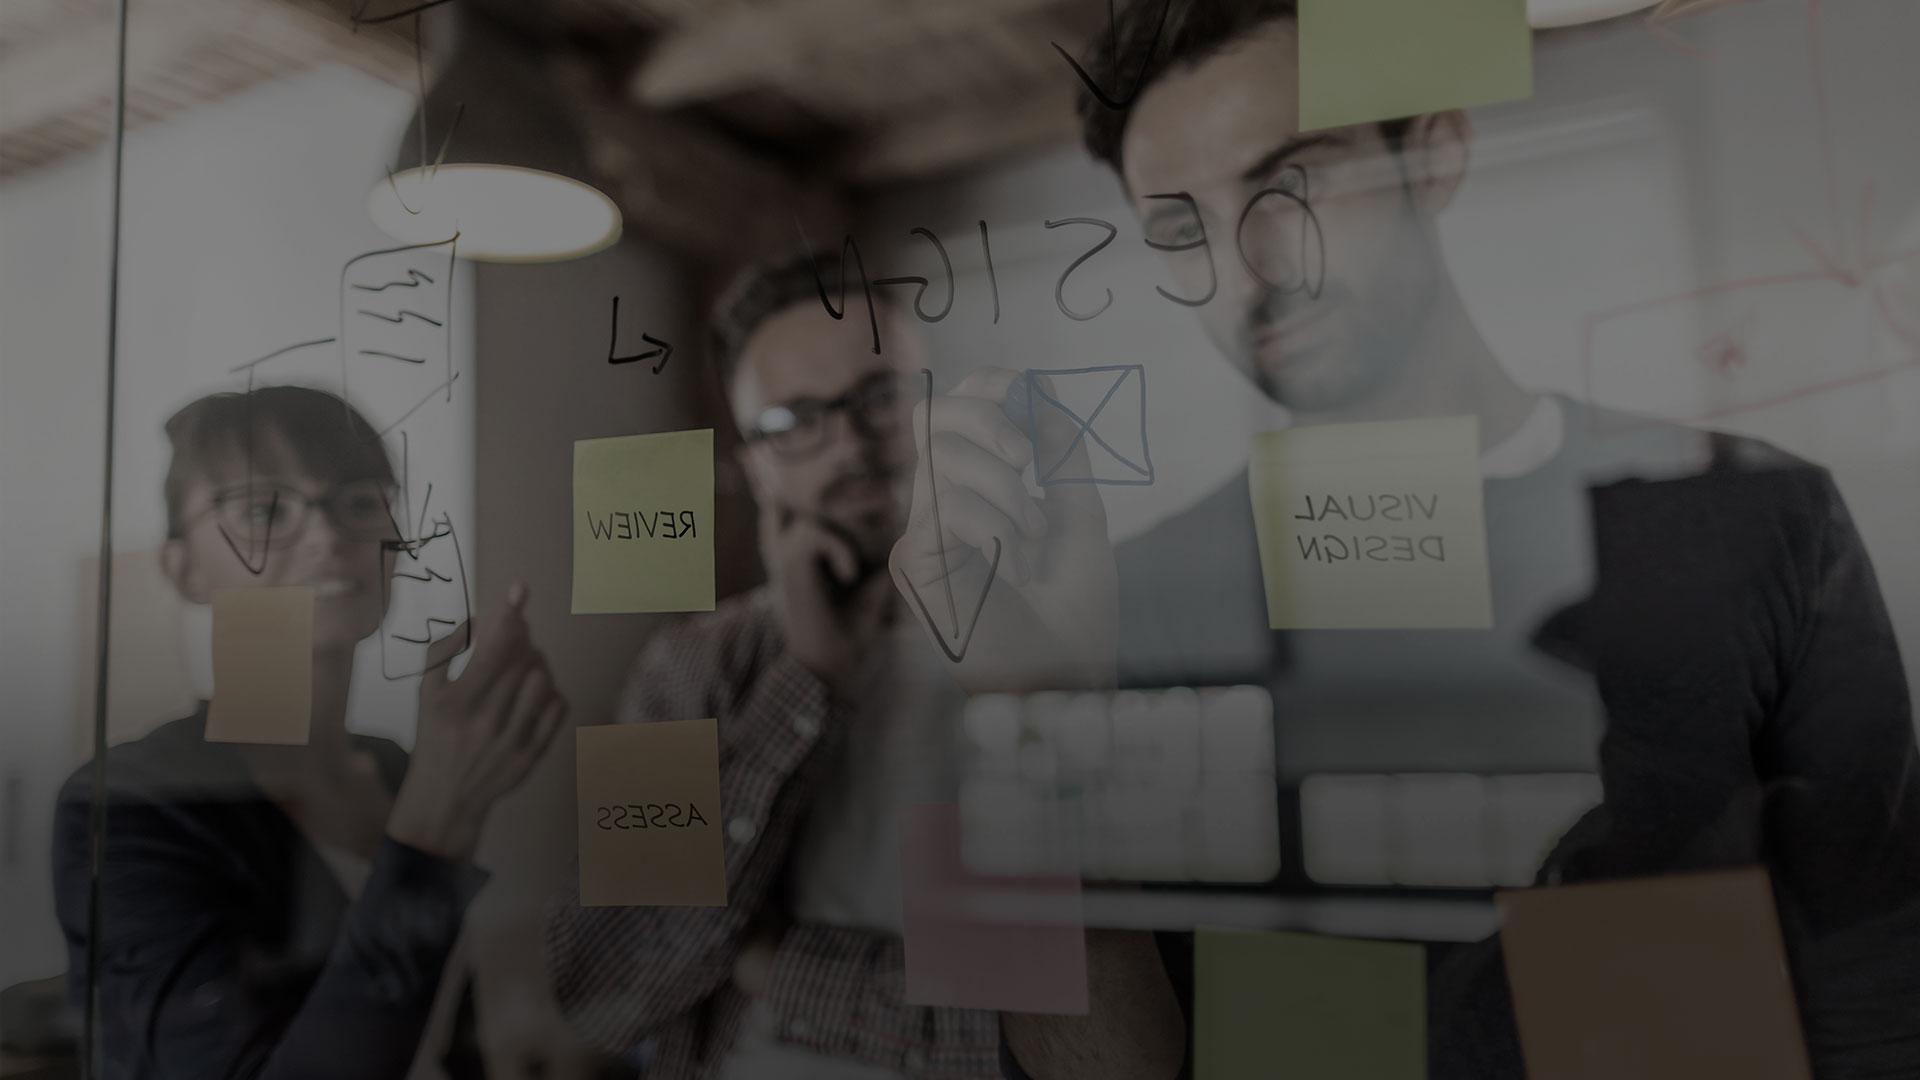 UX + Metodologias Ágeis: transparência e agilidade na busca da melhor experiência do usuário